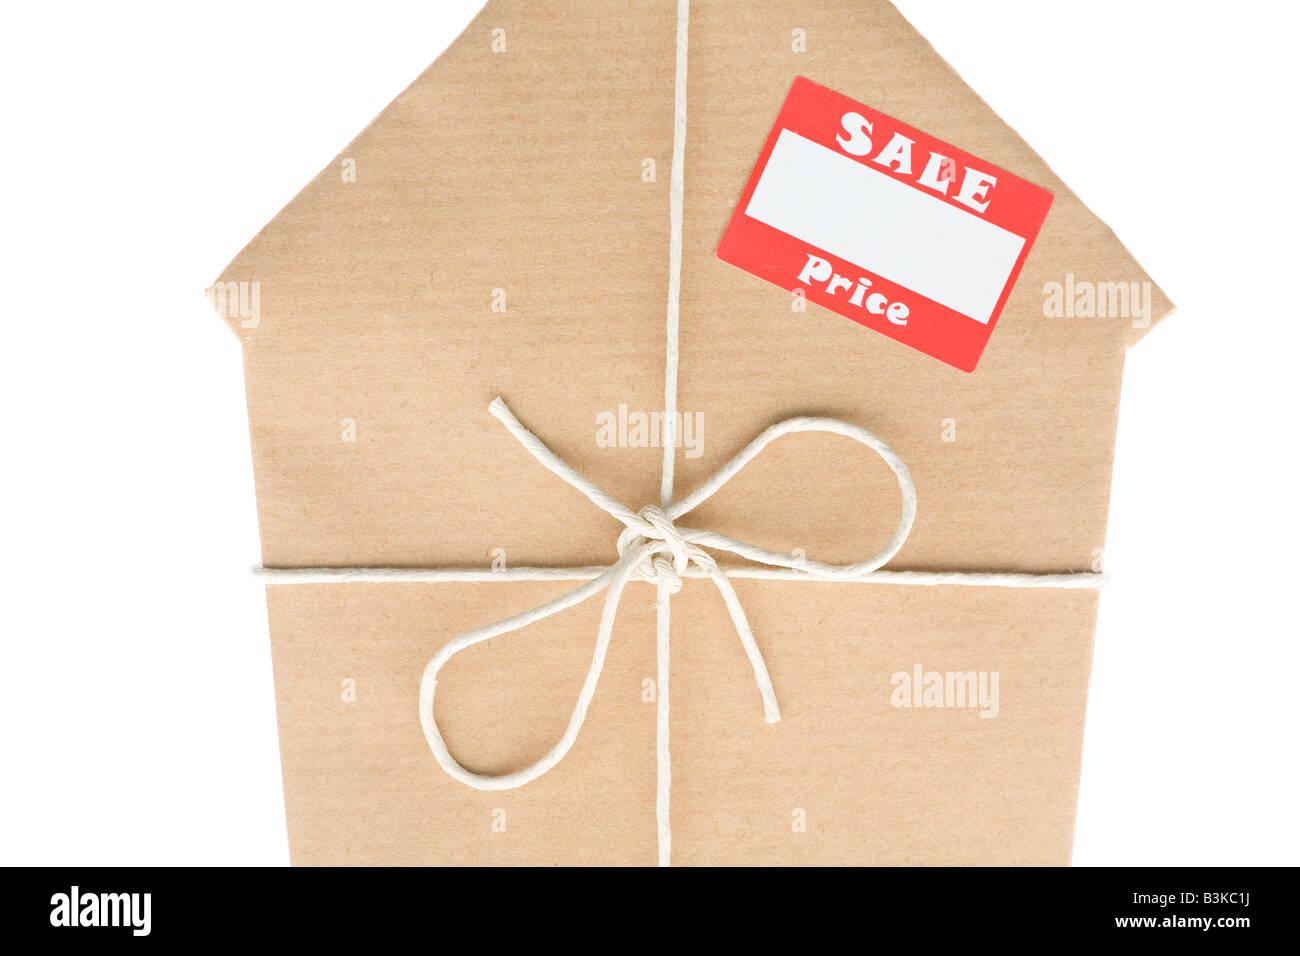 Studioaufnahme des Hauses eingewickelt In braunem Papier mit Sale-Aufkleber Stockbild